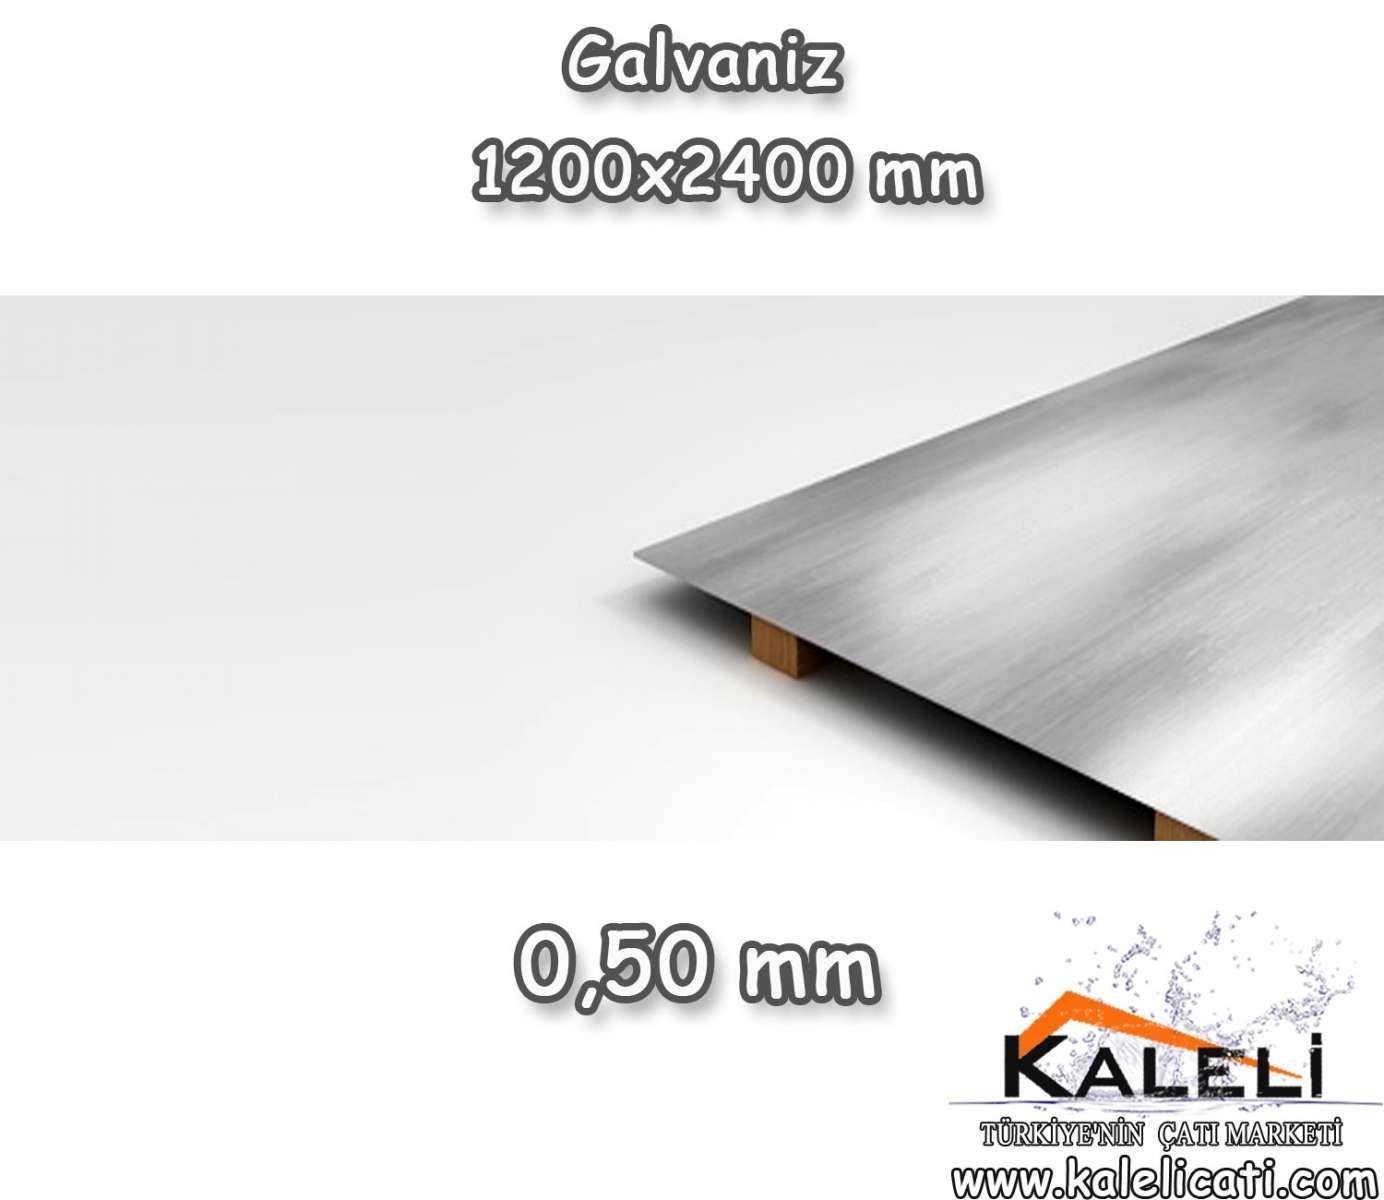 0,50 mm Galvaniz Düz Levha 1200*2400